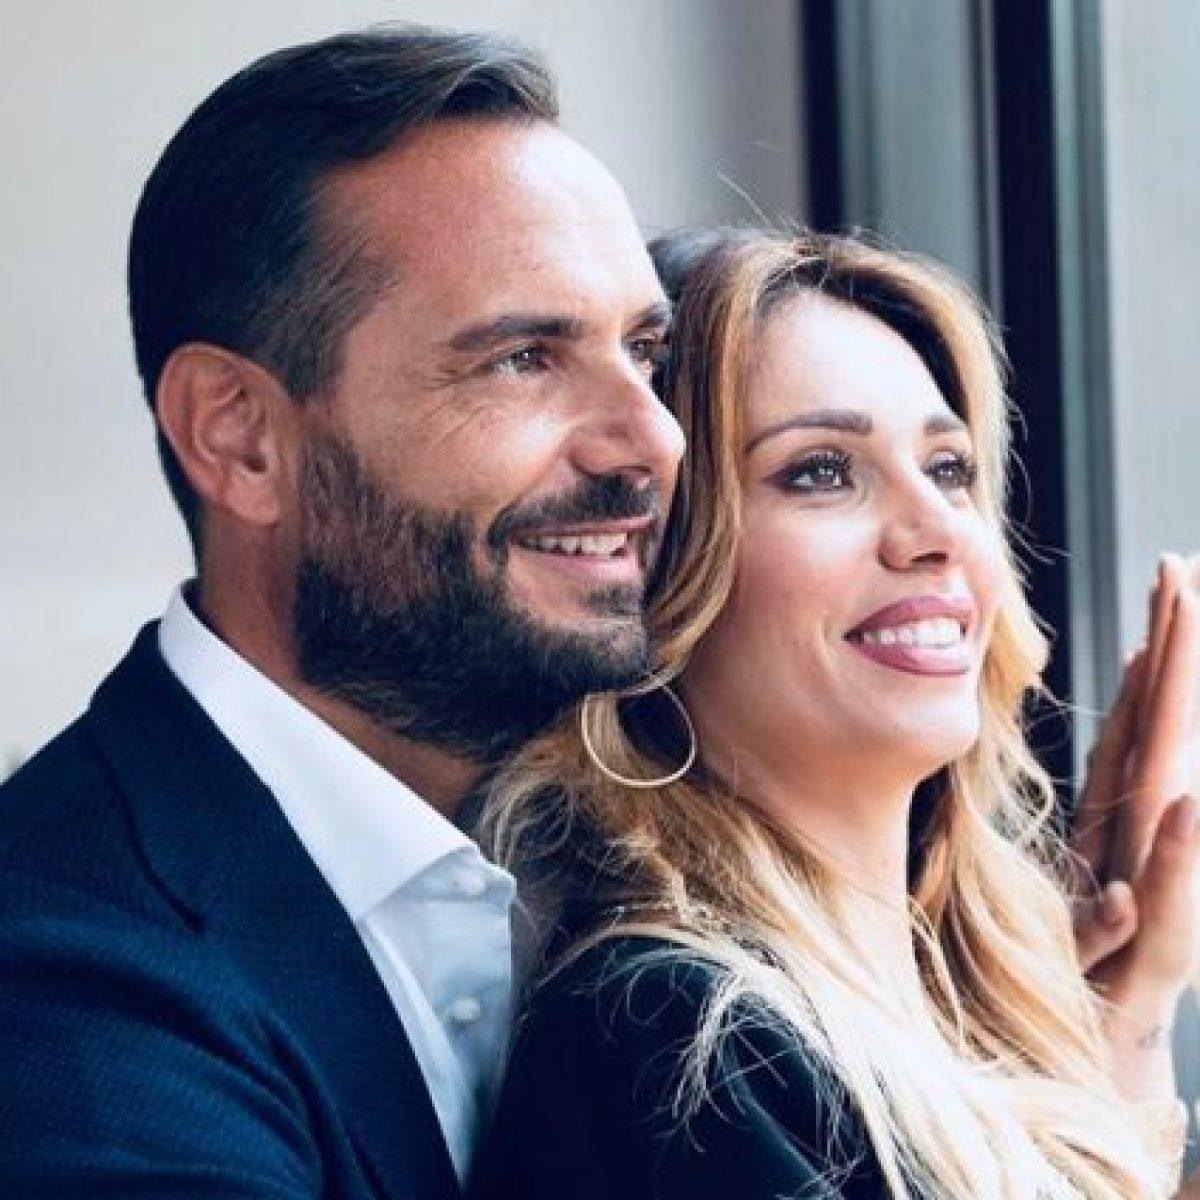 Enzo Capo e Pamela Barretta di Uomini e Donne, il gesto di l